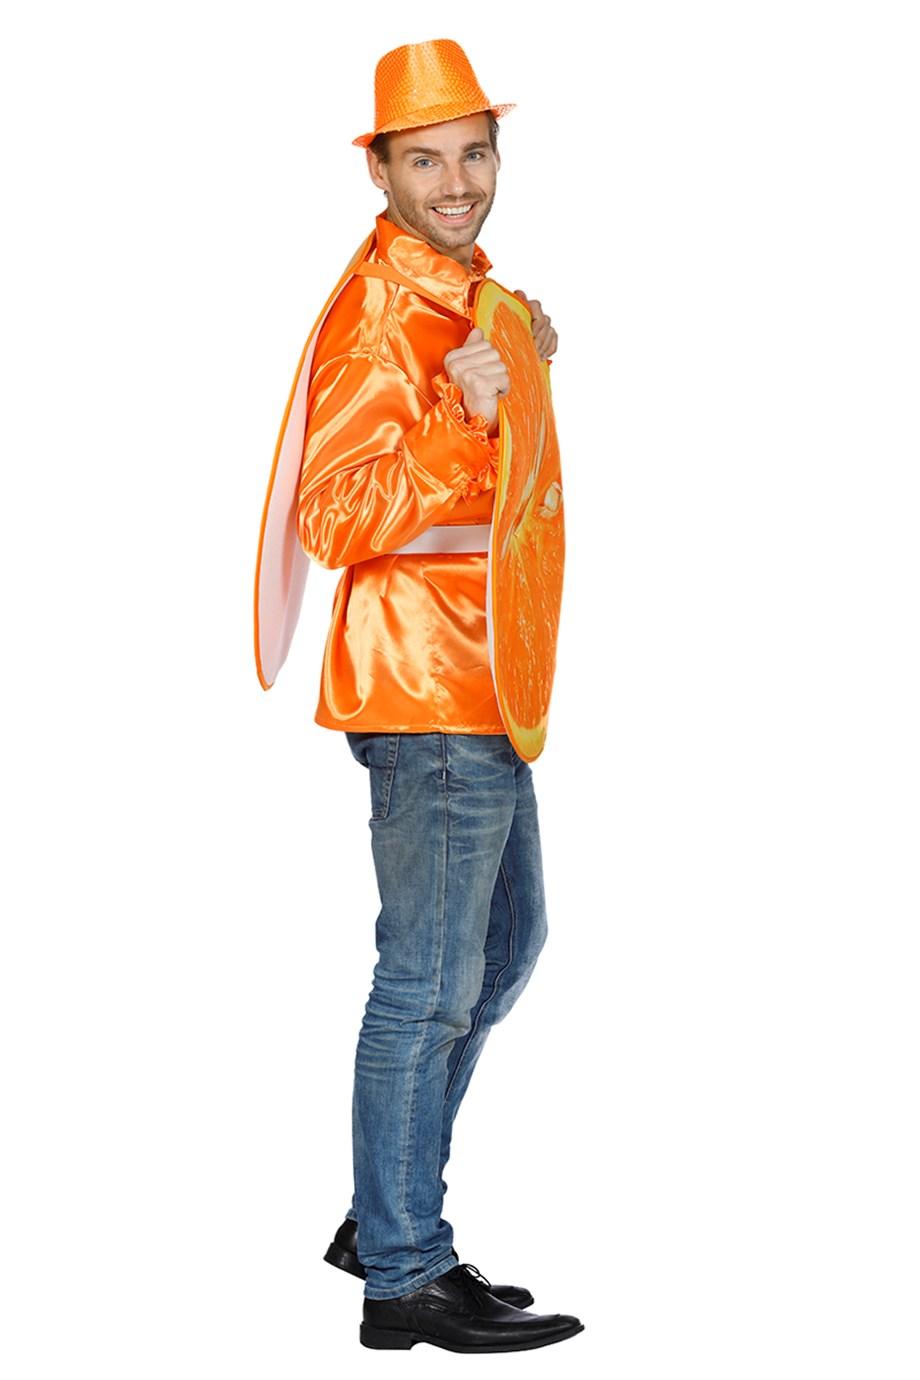 Sinaasappel-258904